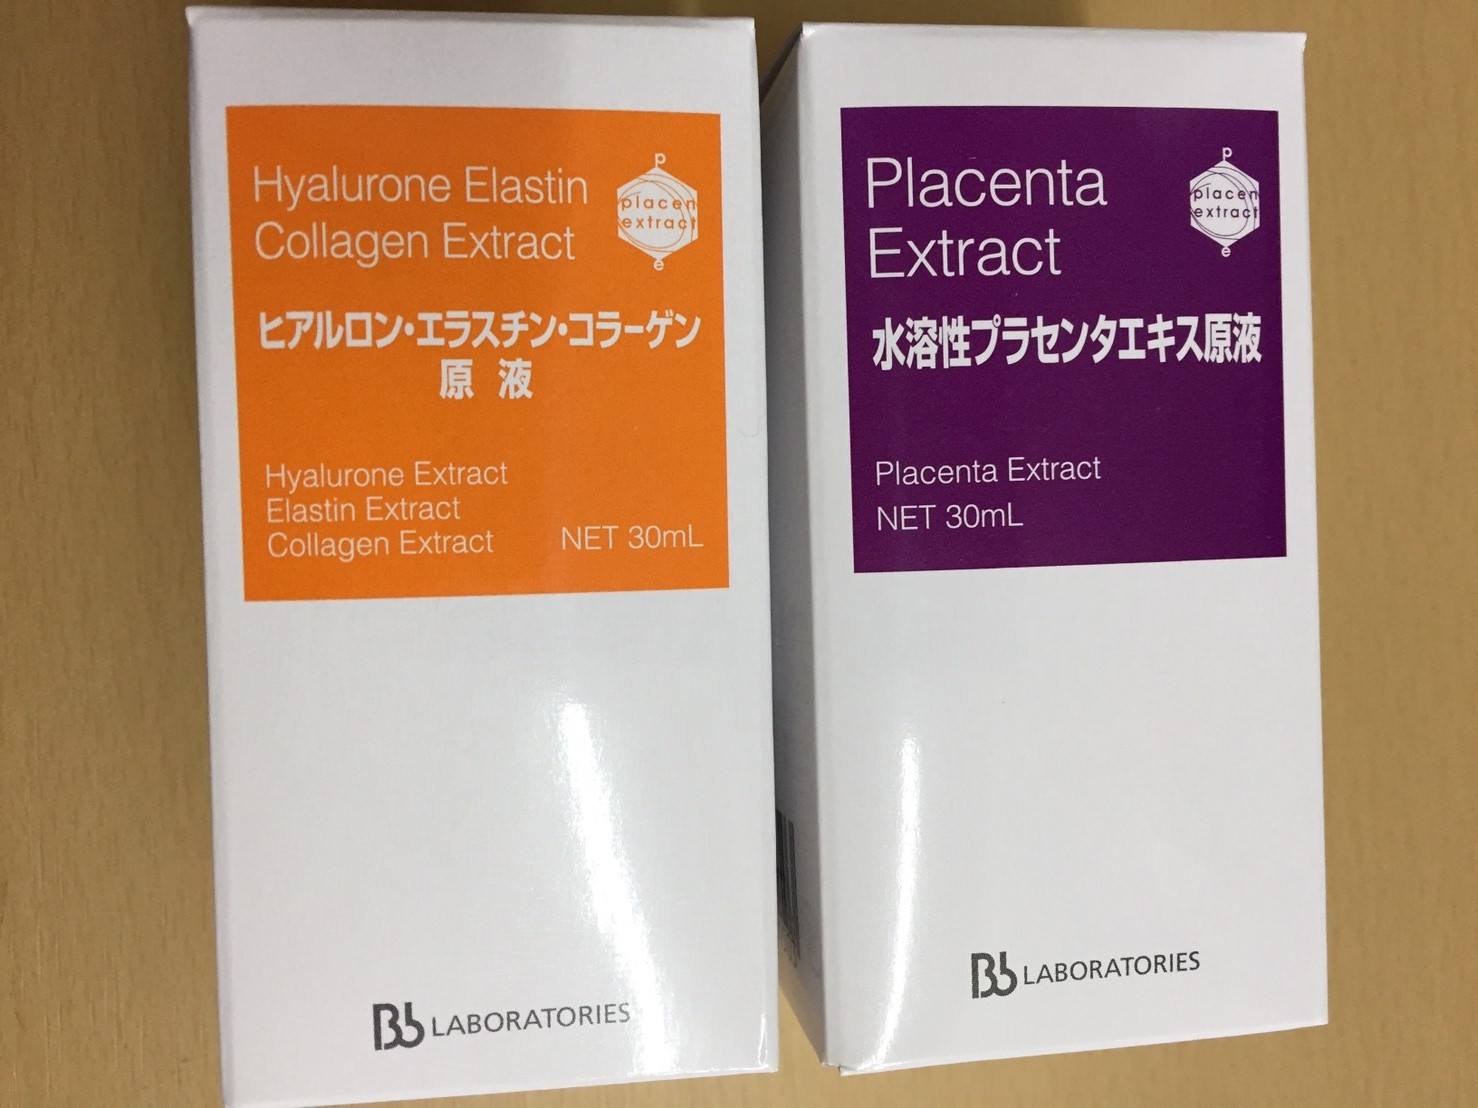 ヒアルロン エラスチン コラーゲン&水溶性プラセンタエキス 30ml Bbラボラトリーズ 原液2種セット